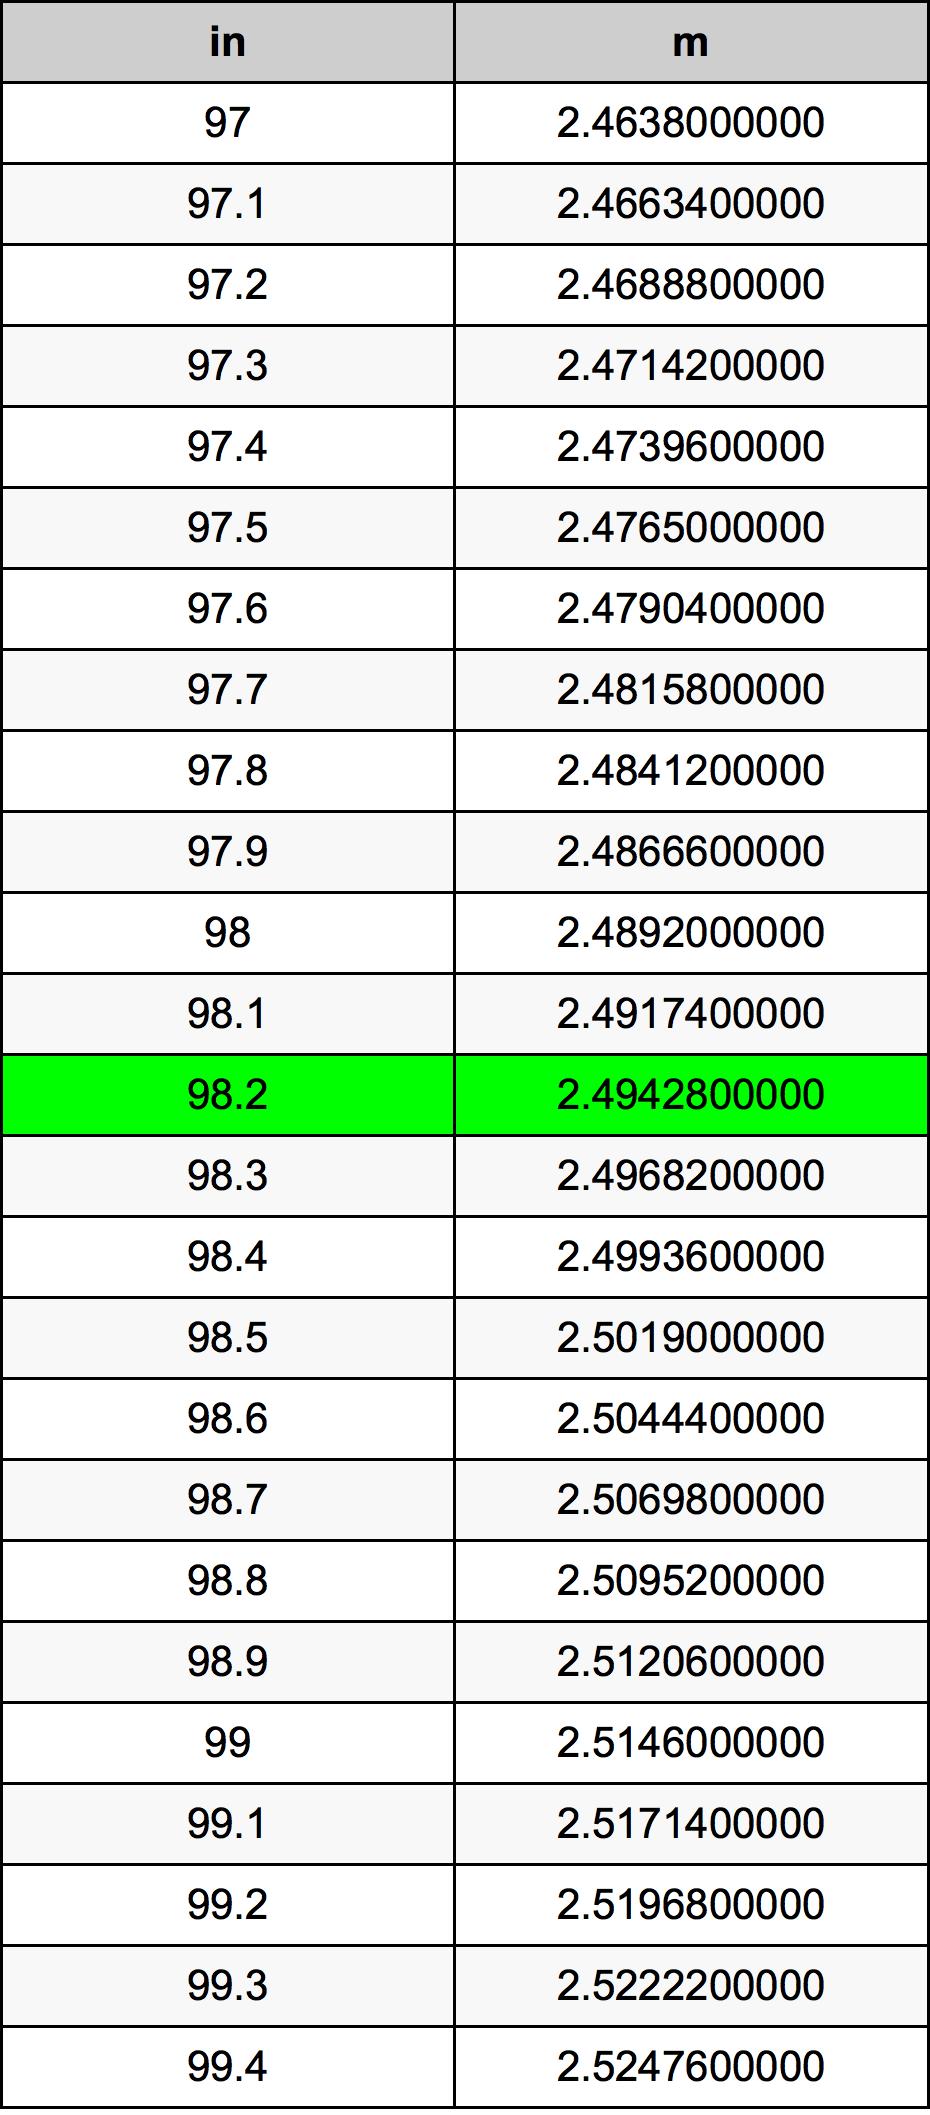 98.2 дюйм Таблиця перетворення